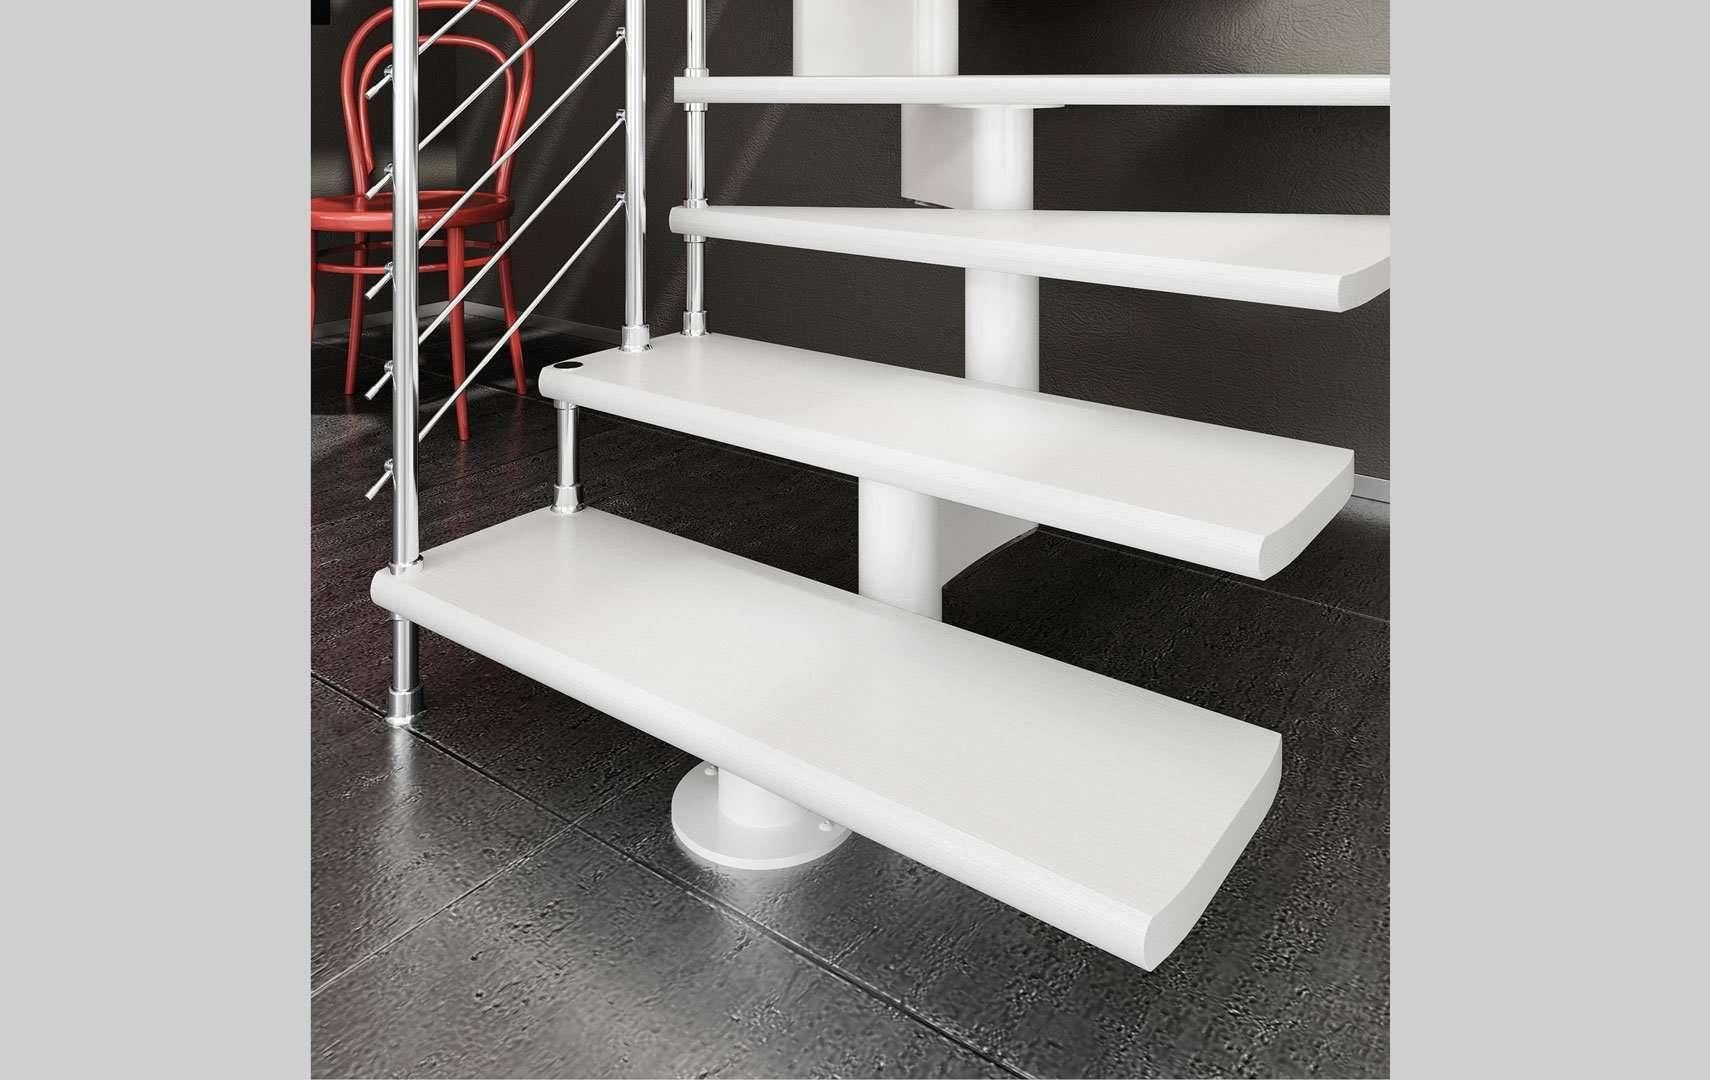 ᐅ Nika Nika Escalier Sur Mesure Escalier Modulaire